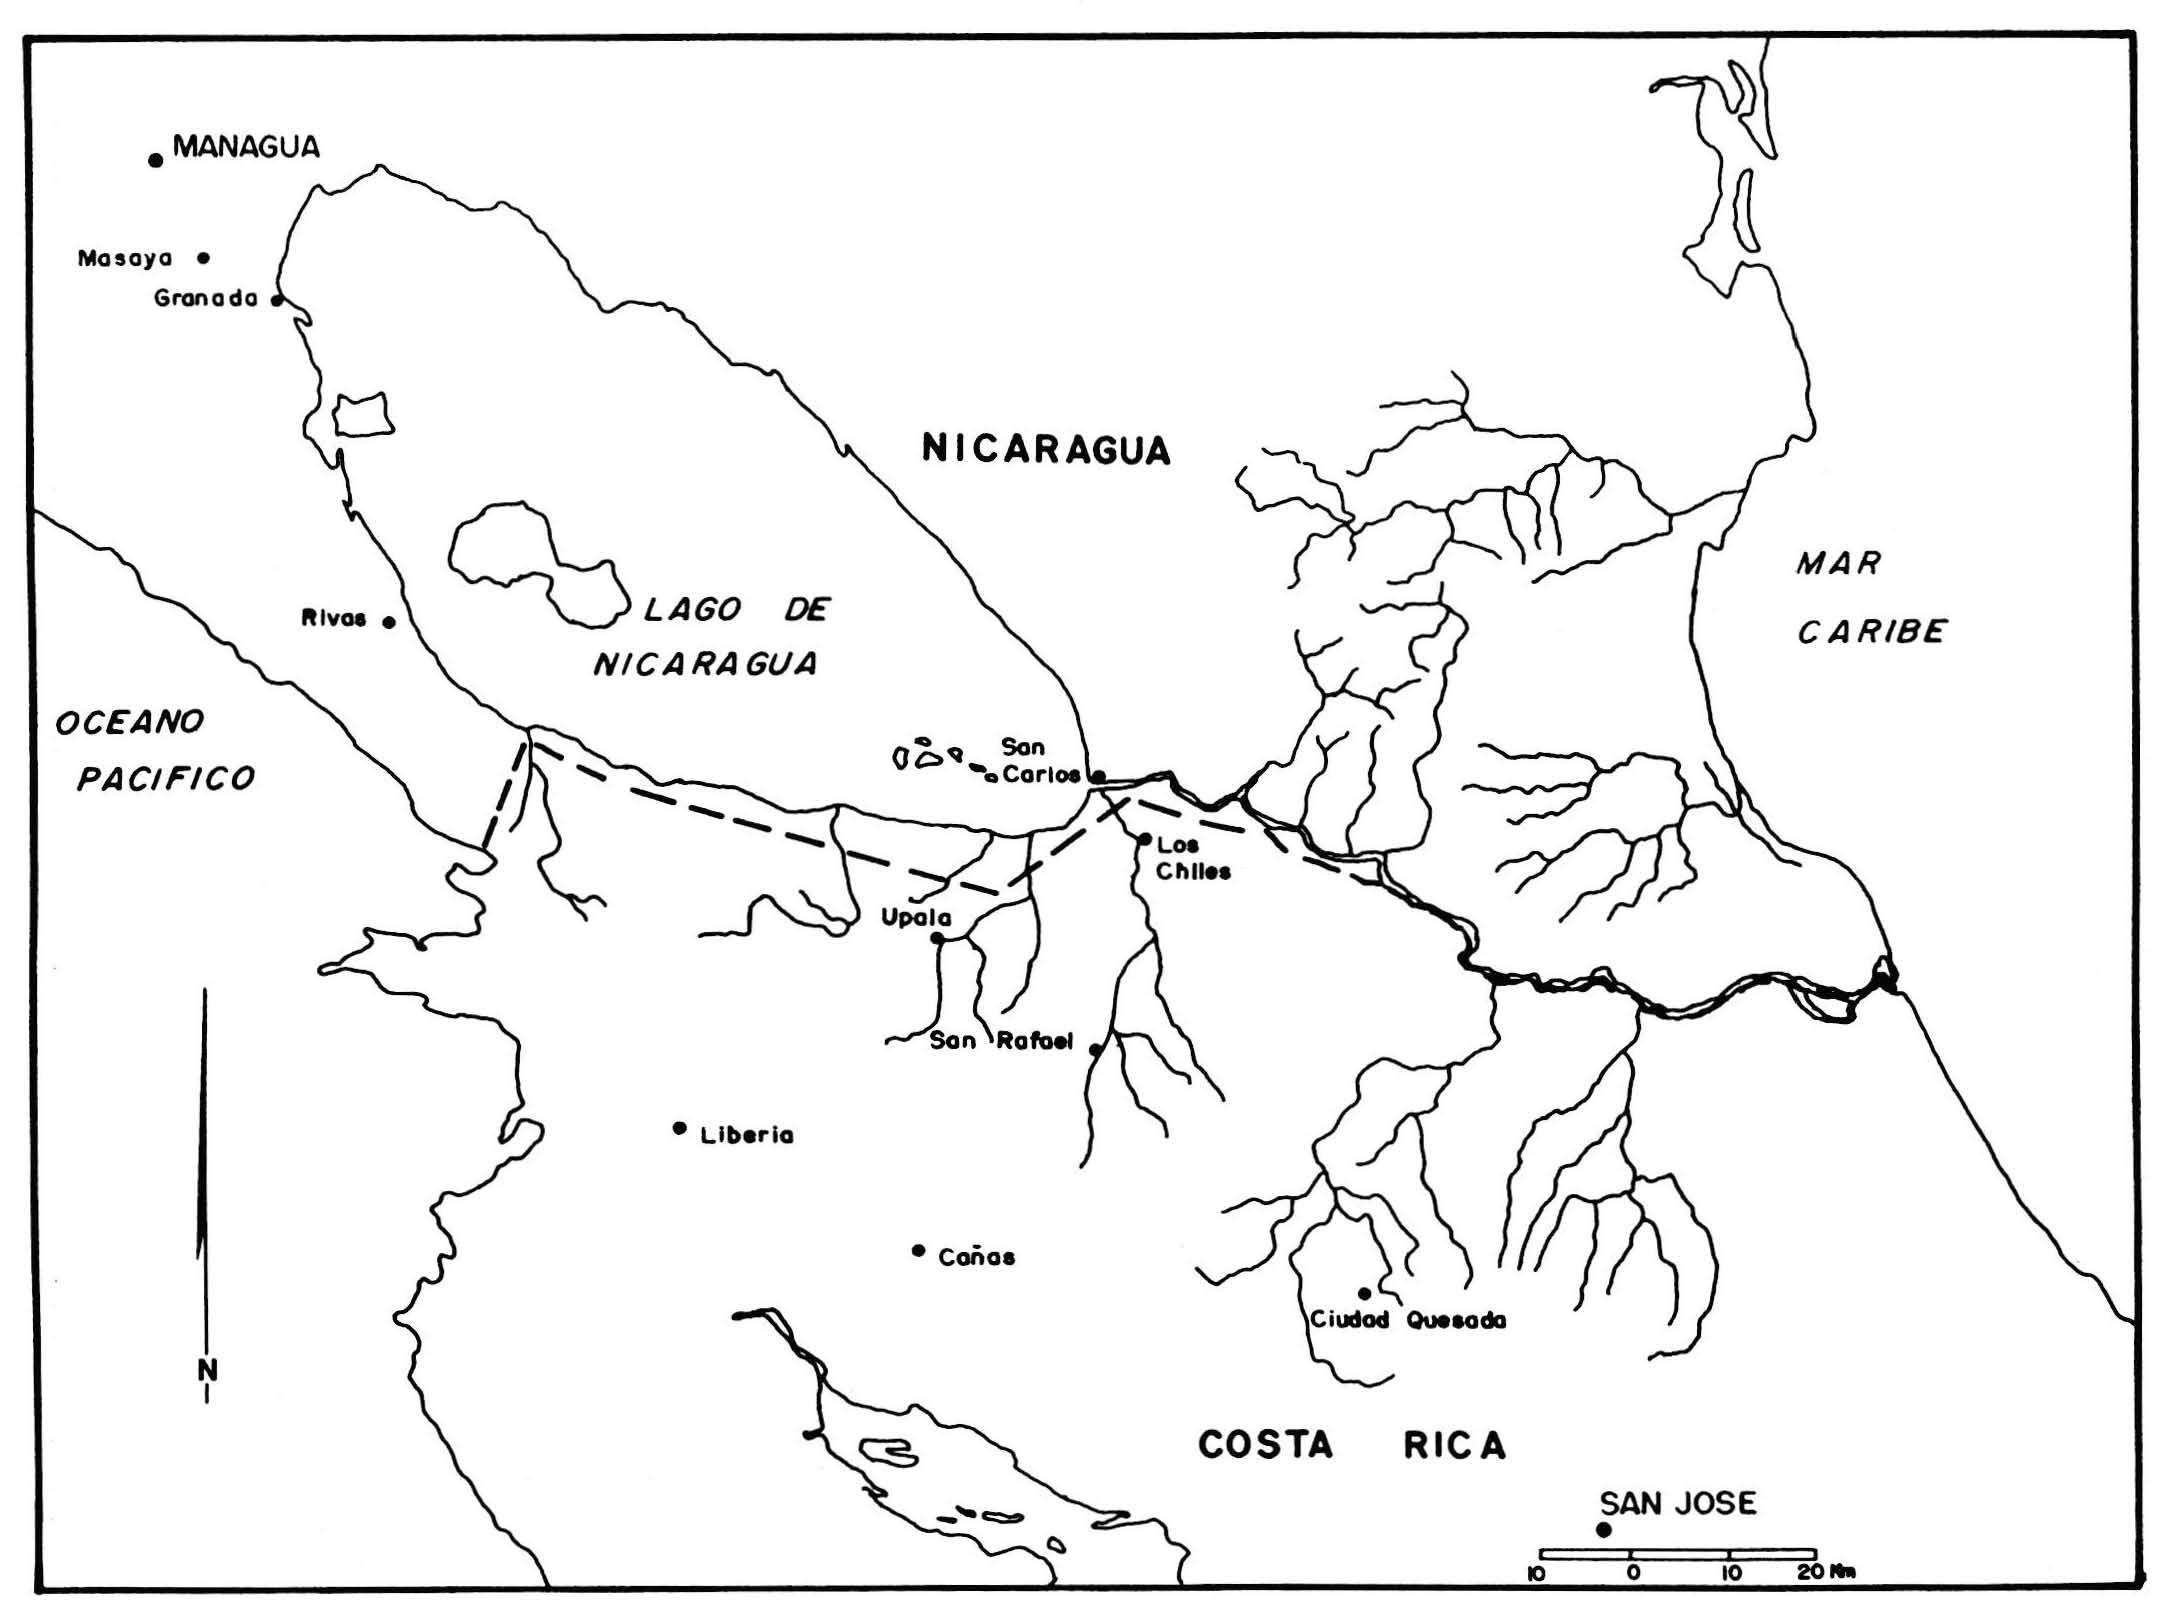 Las fronteras del istmo - La cooperación transfronteriza y los ...